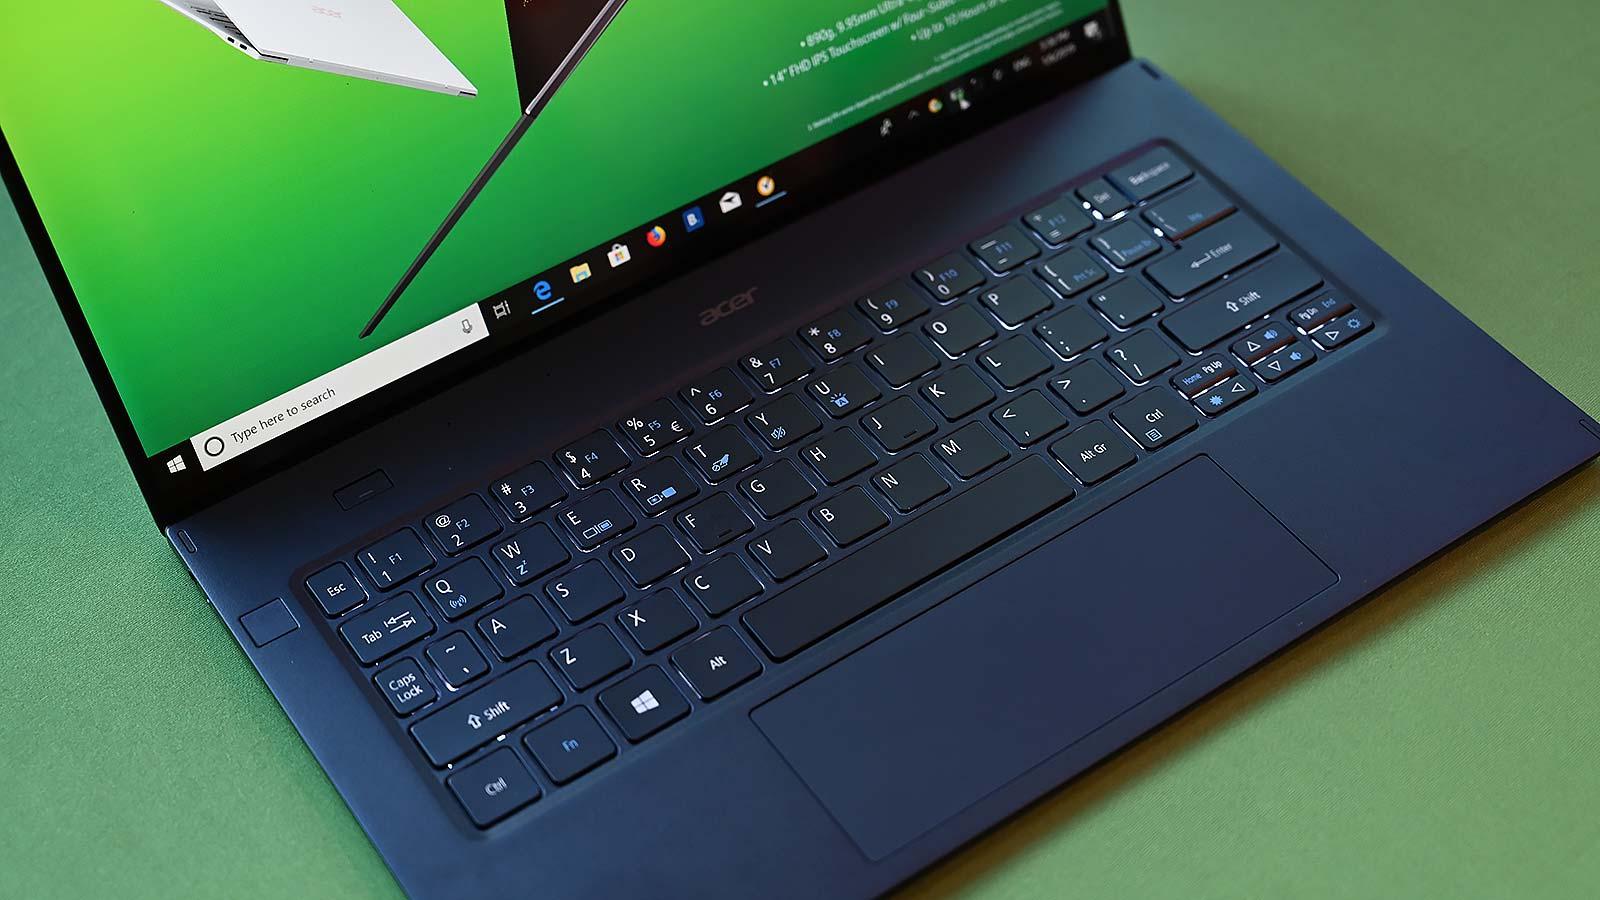 ¡Mira cómo de ancho es el touchpad! Foto: Sam Rutherford (Gizmodo)